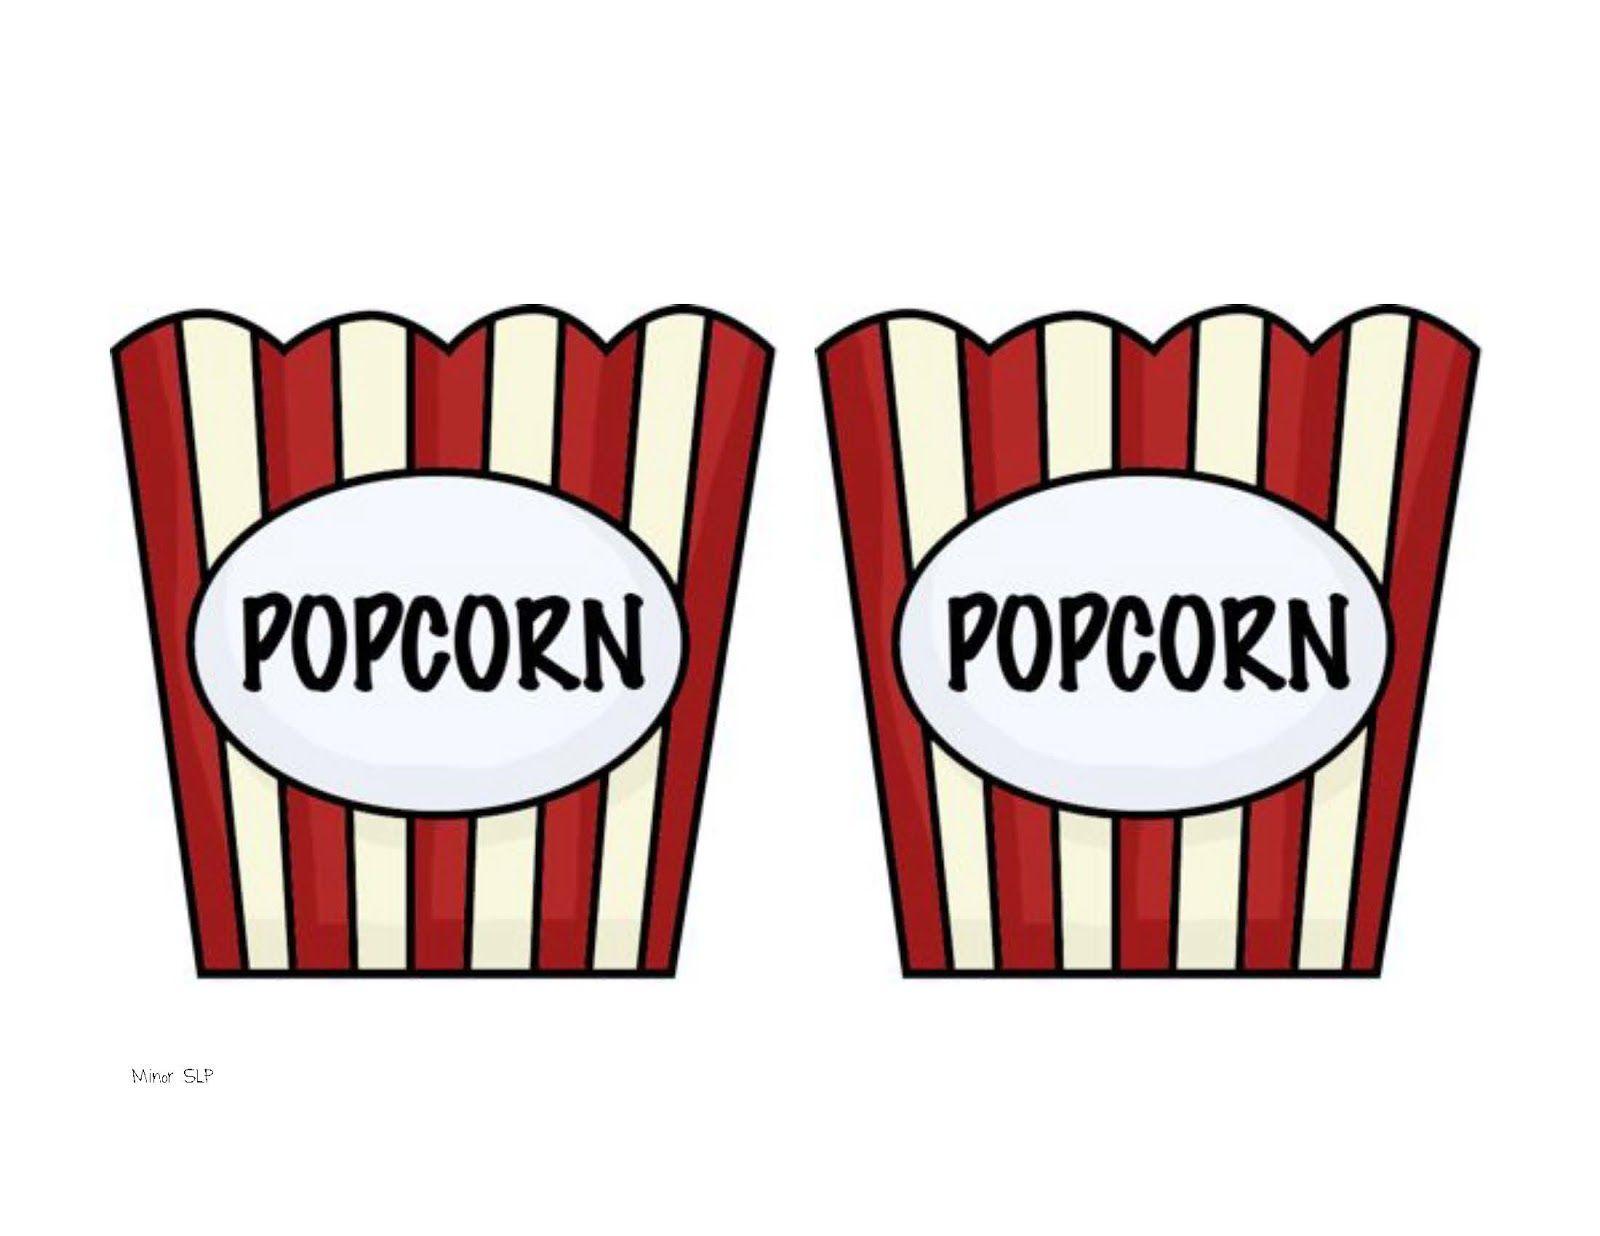 17 Best images about Popcorn Images on Pinterest   Clip art ...